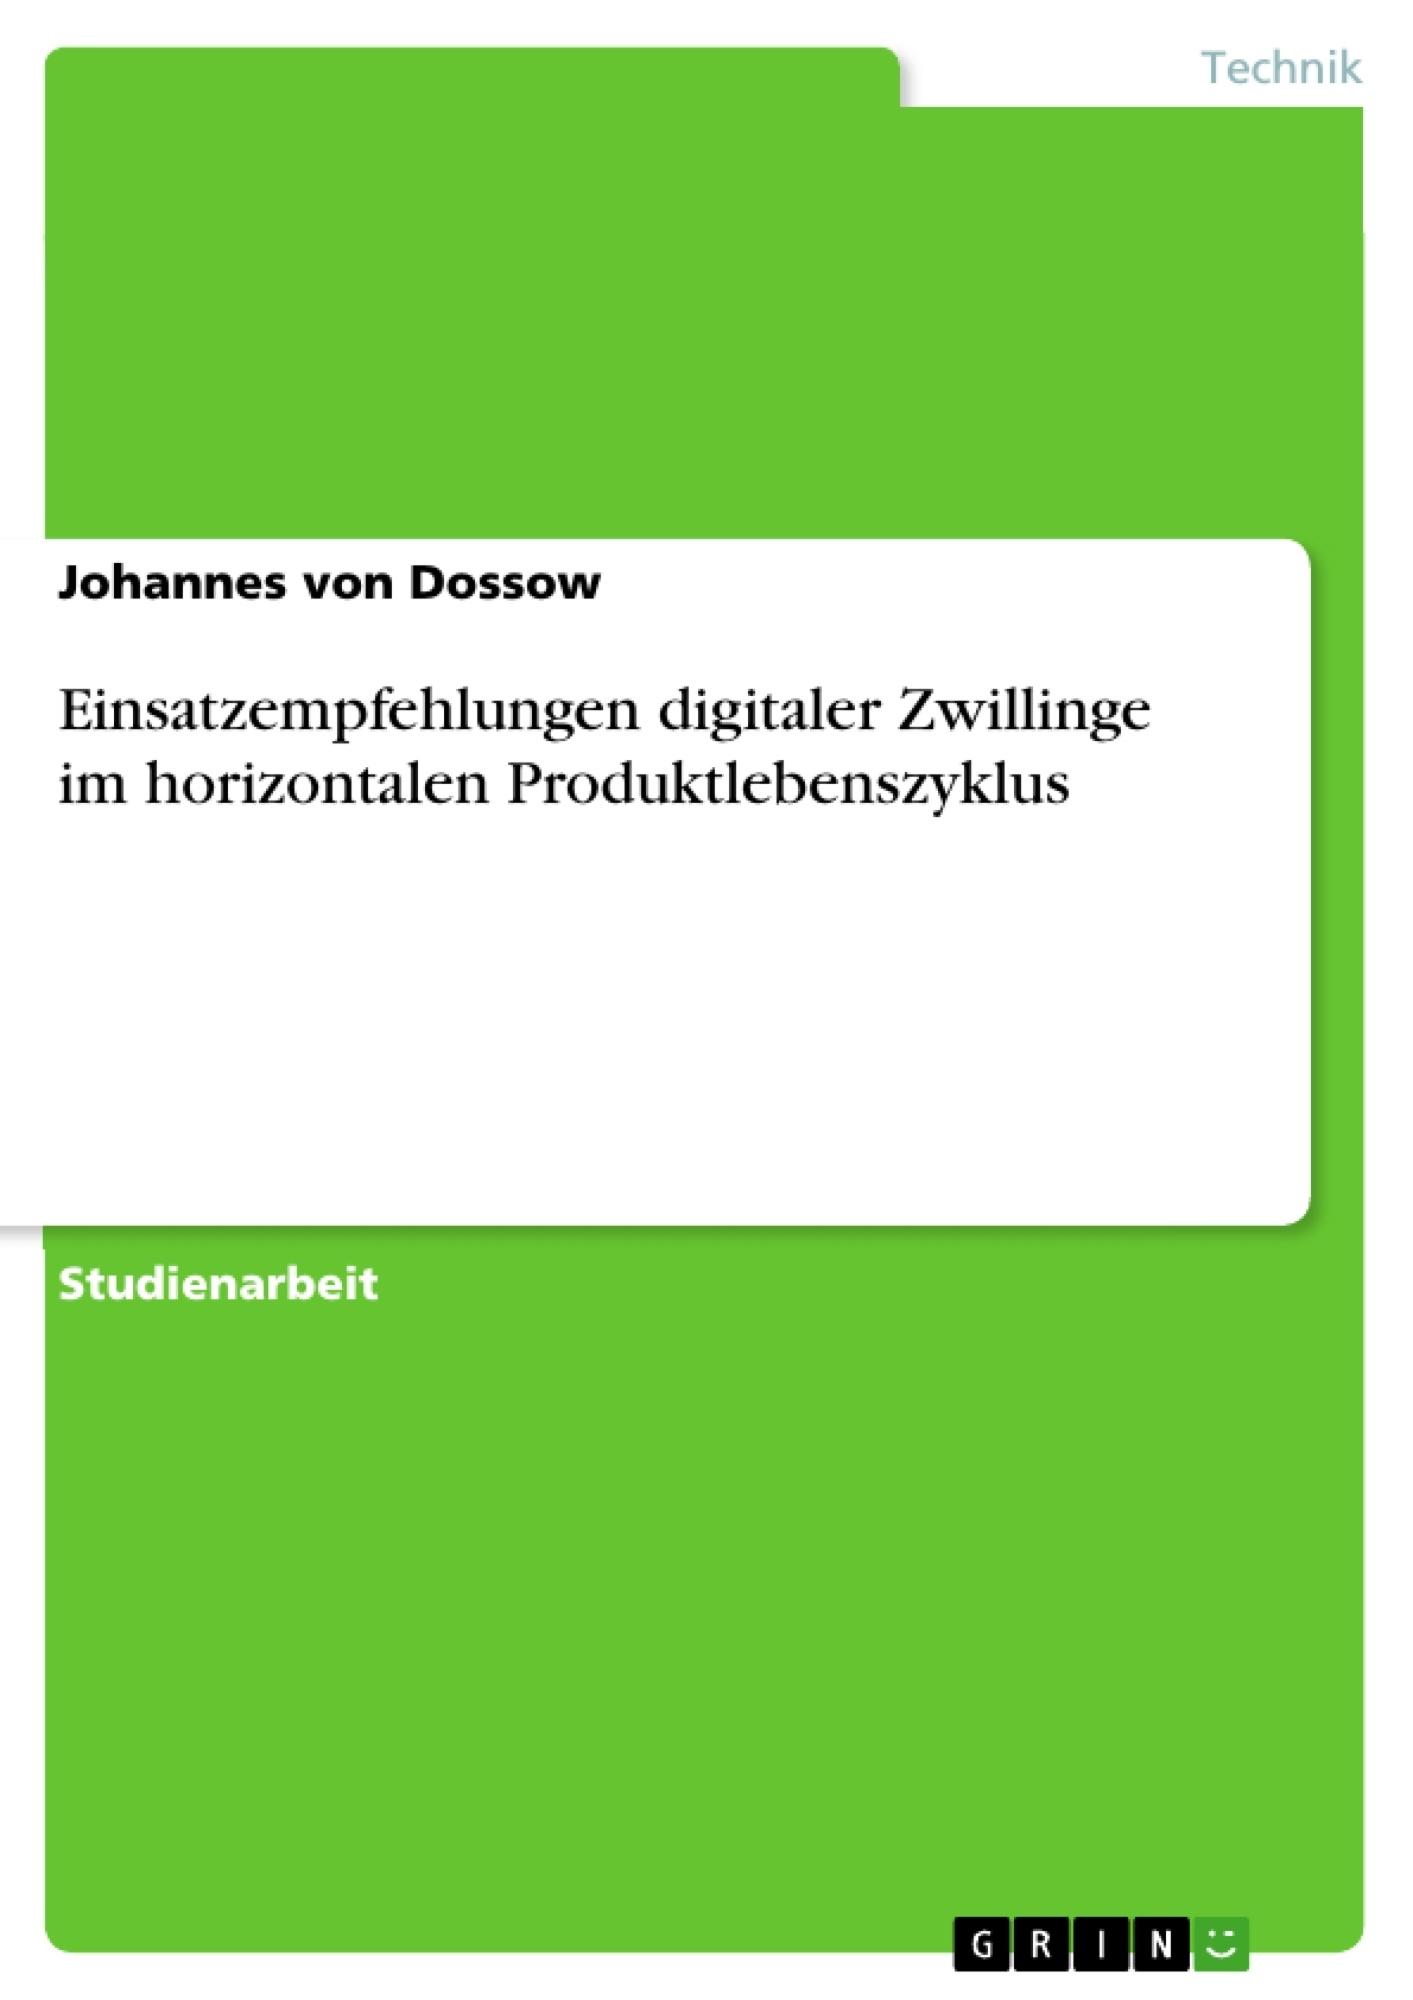 Titel: Einsatzempfehlungen digitaler Zwillinge im horizontalen Produktlebenszyklus